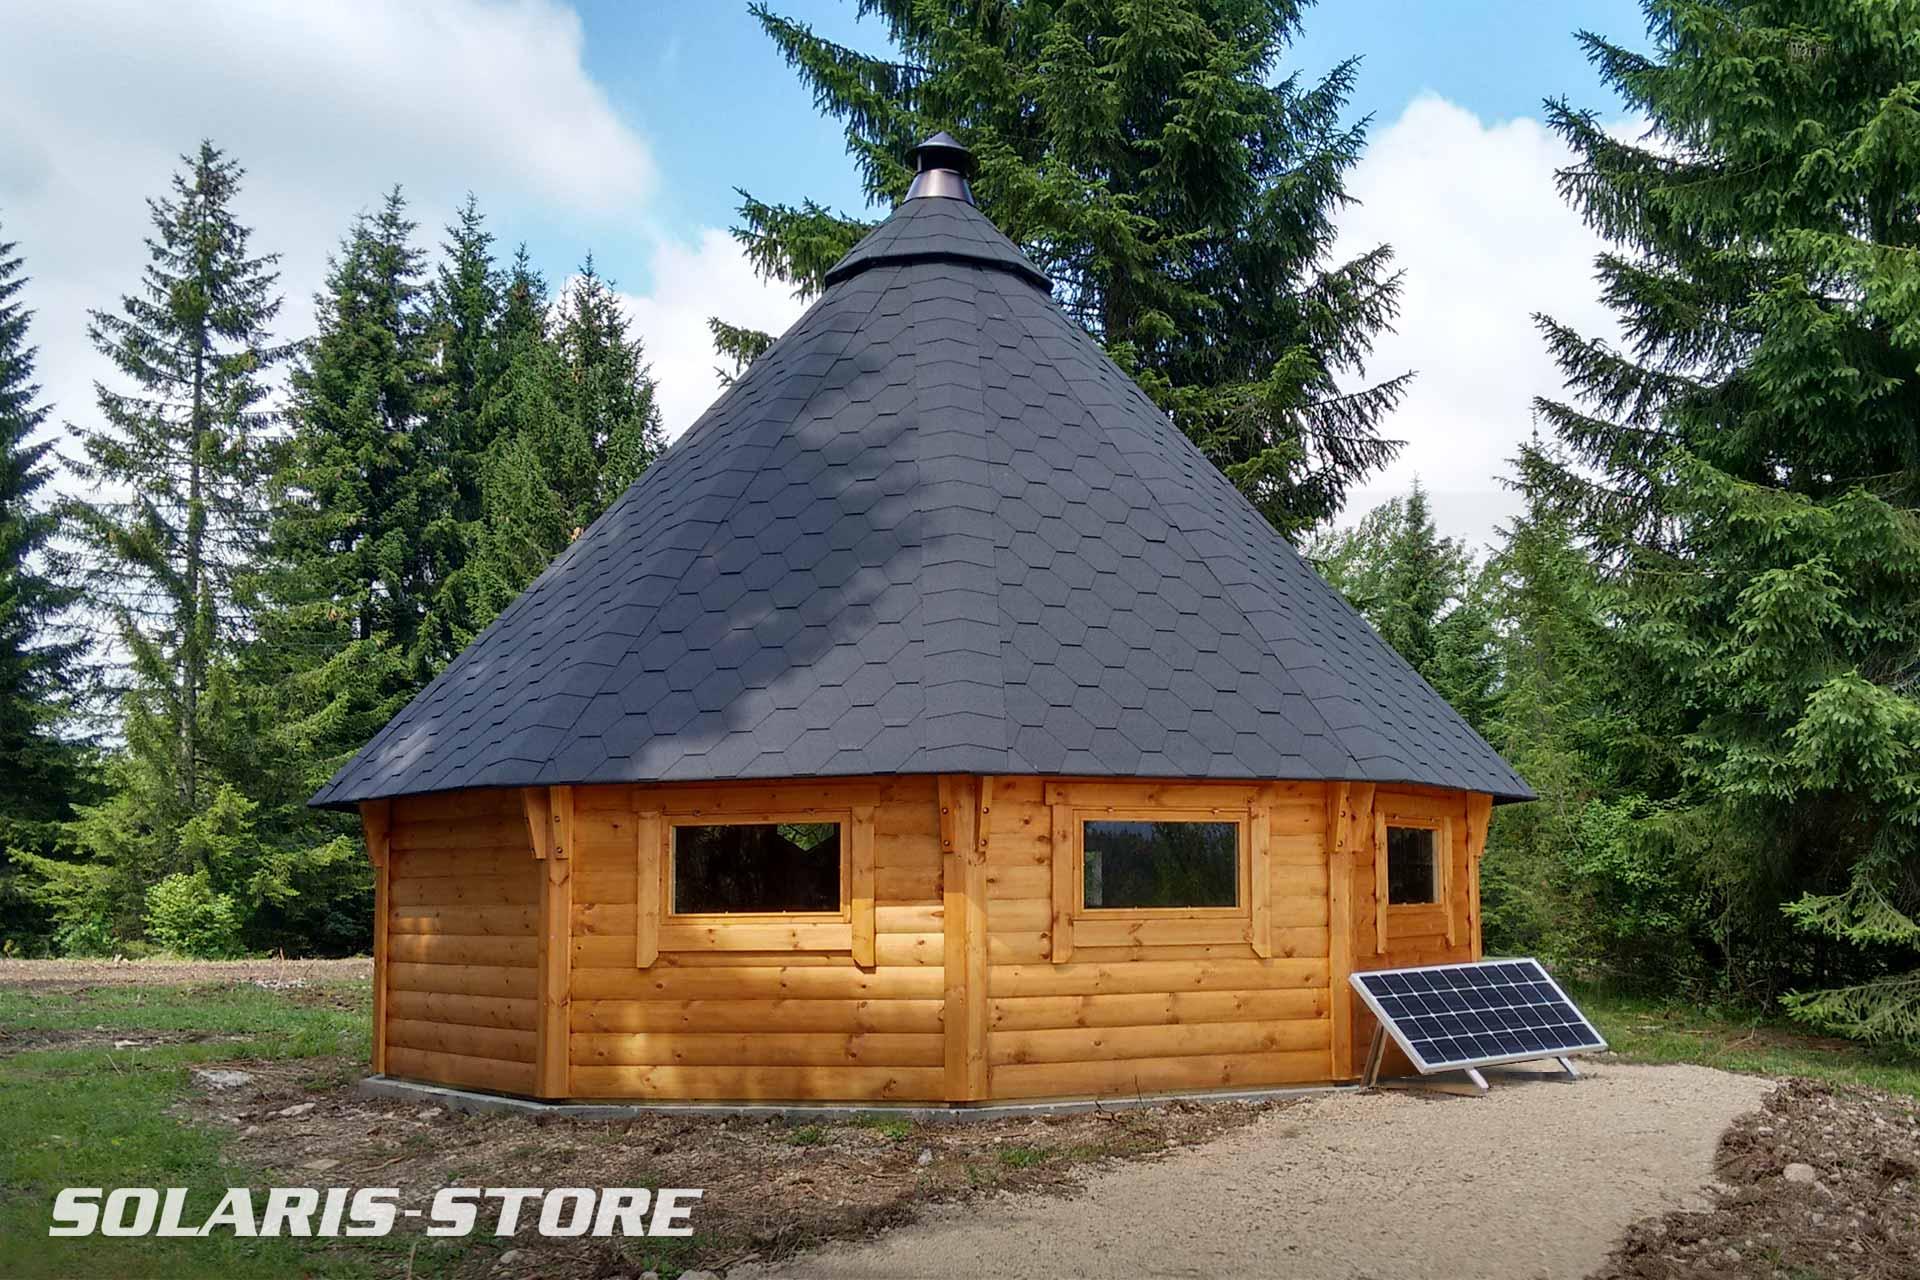 choisir un kit solaire pour site isol solaris store. Black Bedroom Furniture Sets. Home Design Ideas